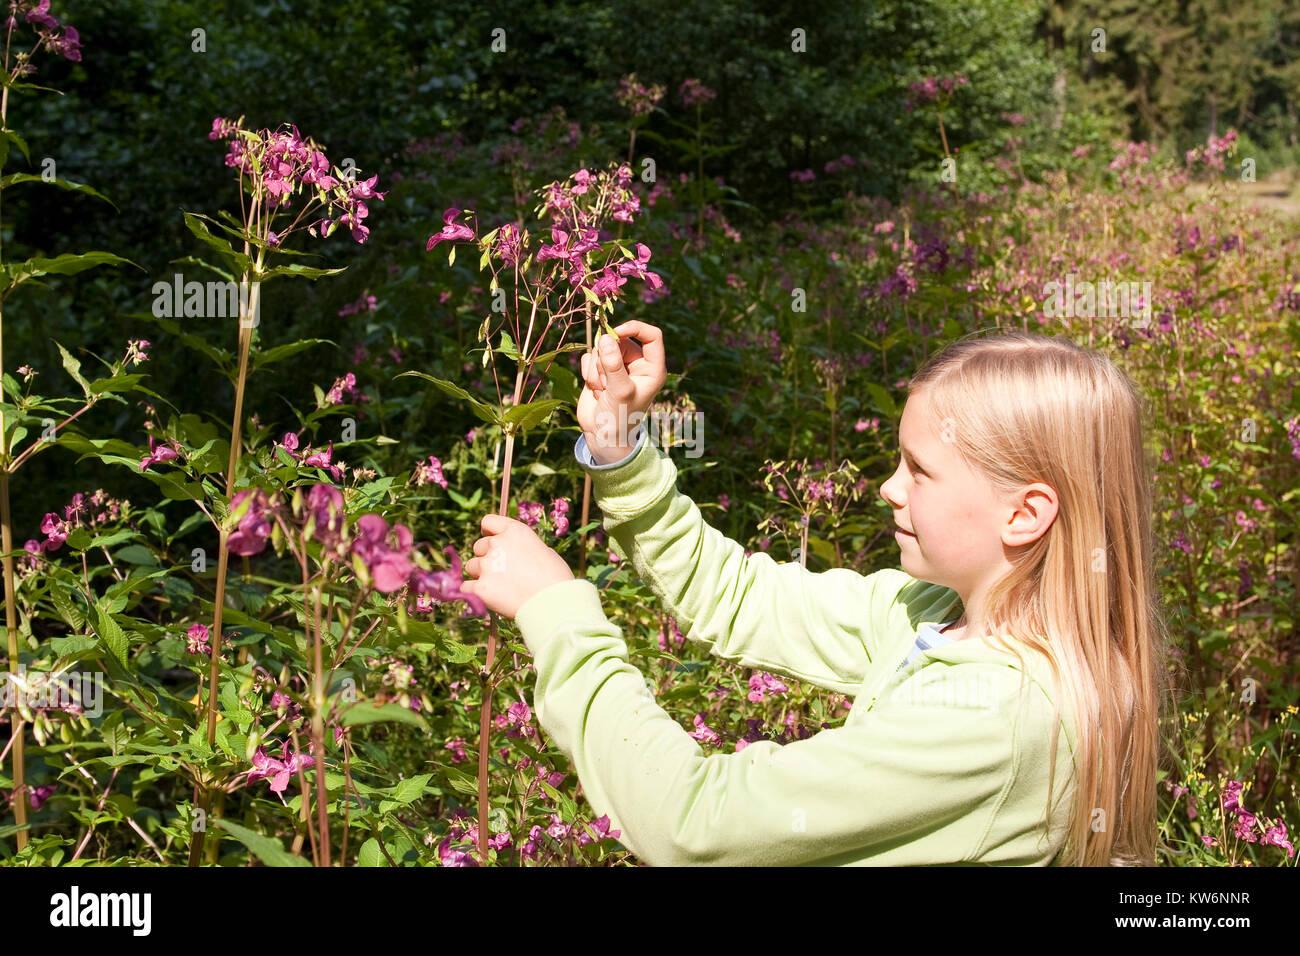 Indisches Springkraut, Drüsiges Springkraut, Mädchen lässt die Springfrüchte, Springfrucht platzen, Impatiens glandulifera, Stock Photo